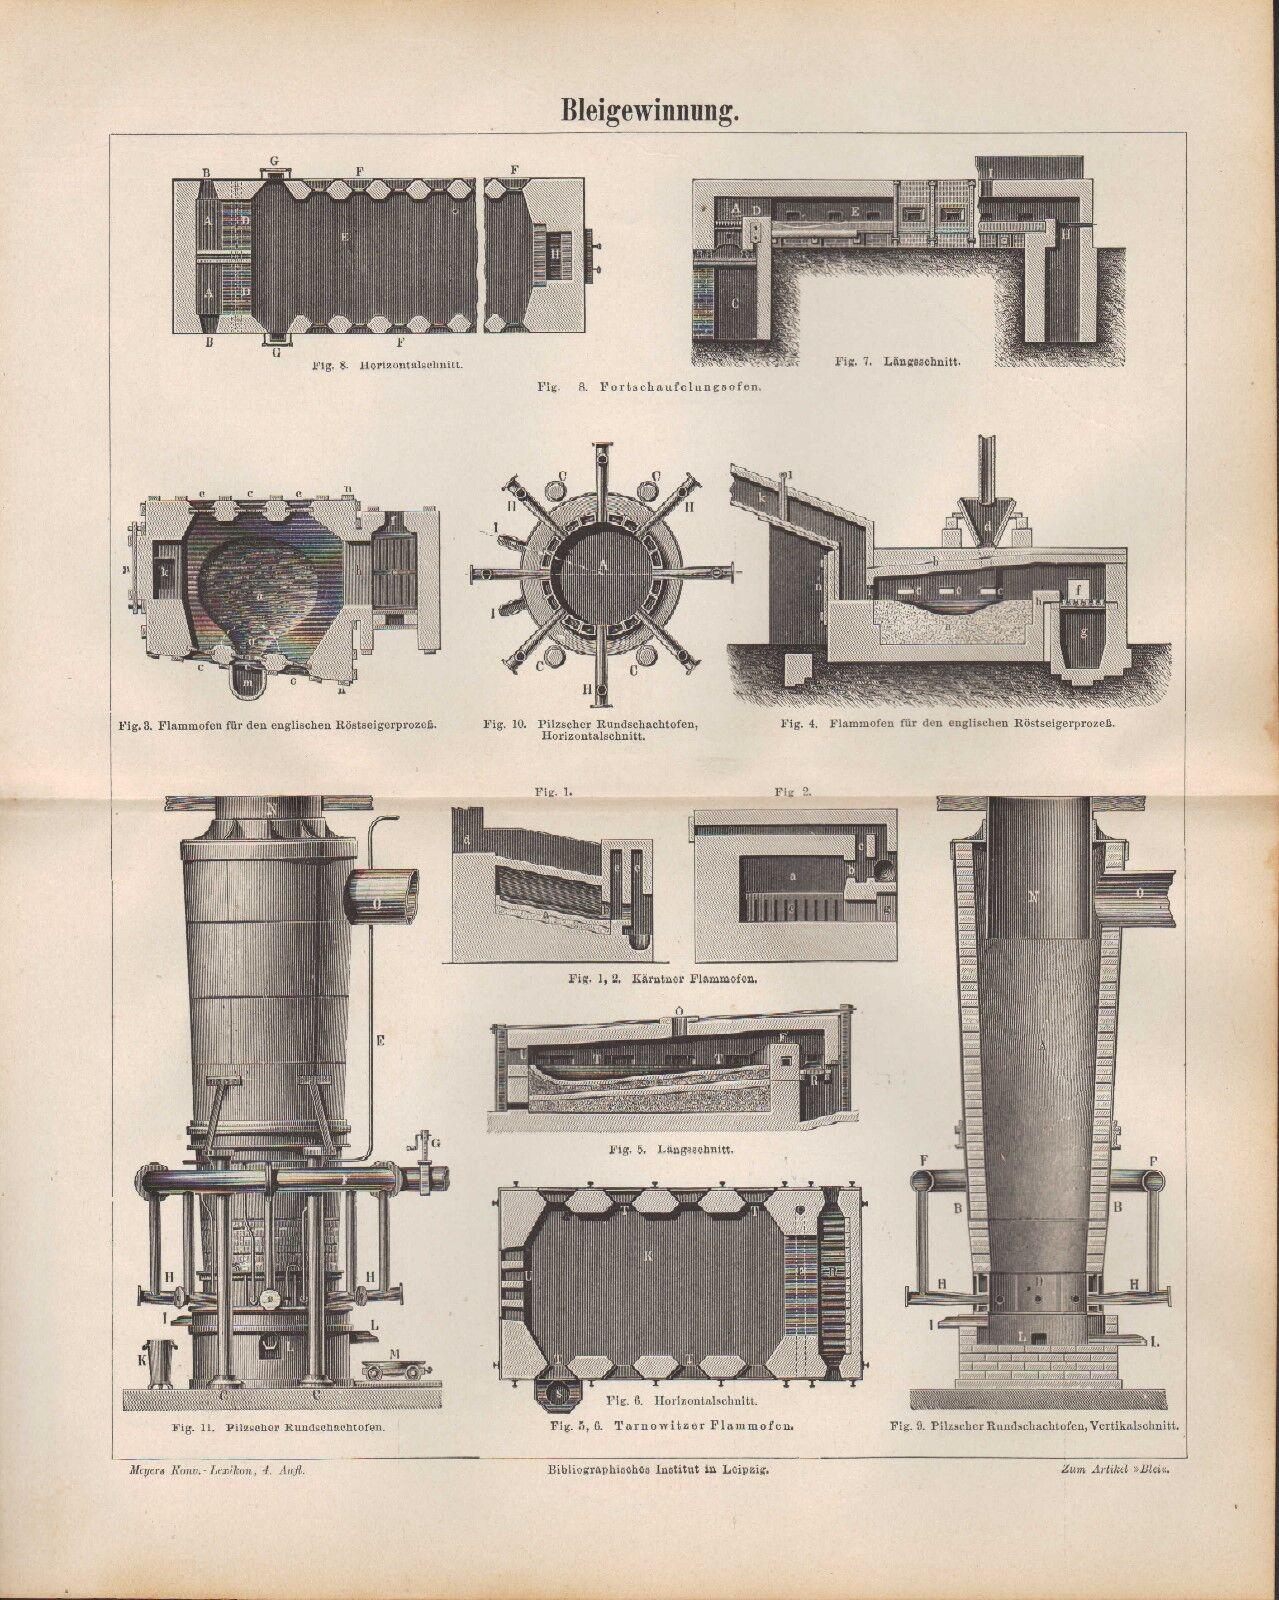 Lithografien 1890: Bleigewinnung. Blei Flamm-Schacht-Ofen Kessel